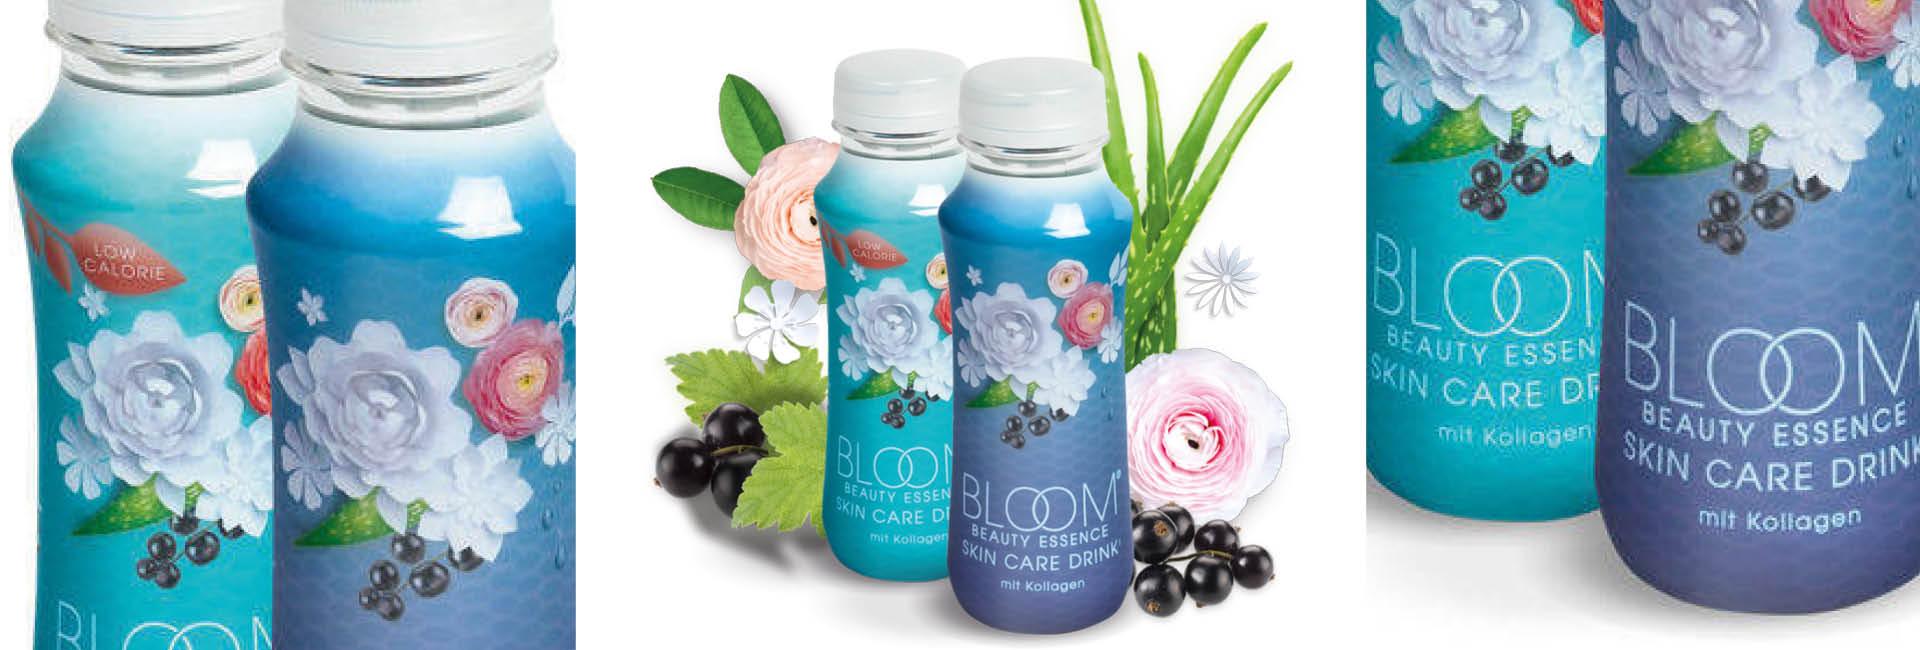 BLOOM – SKIN CARE DRINK